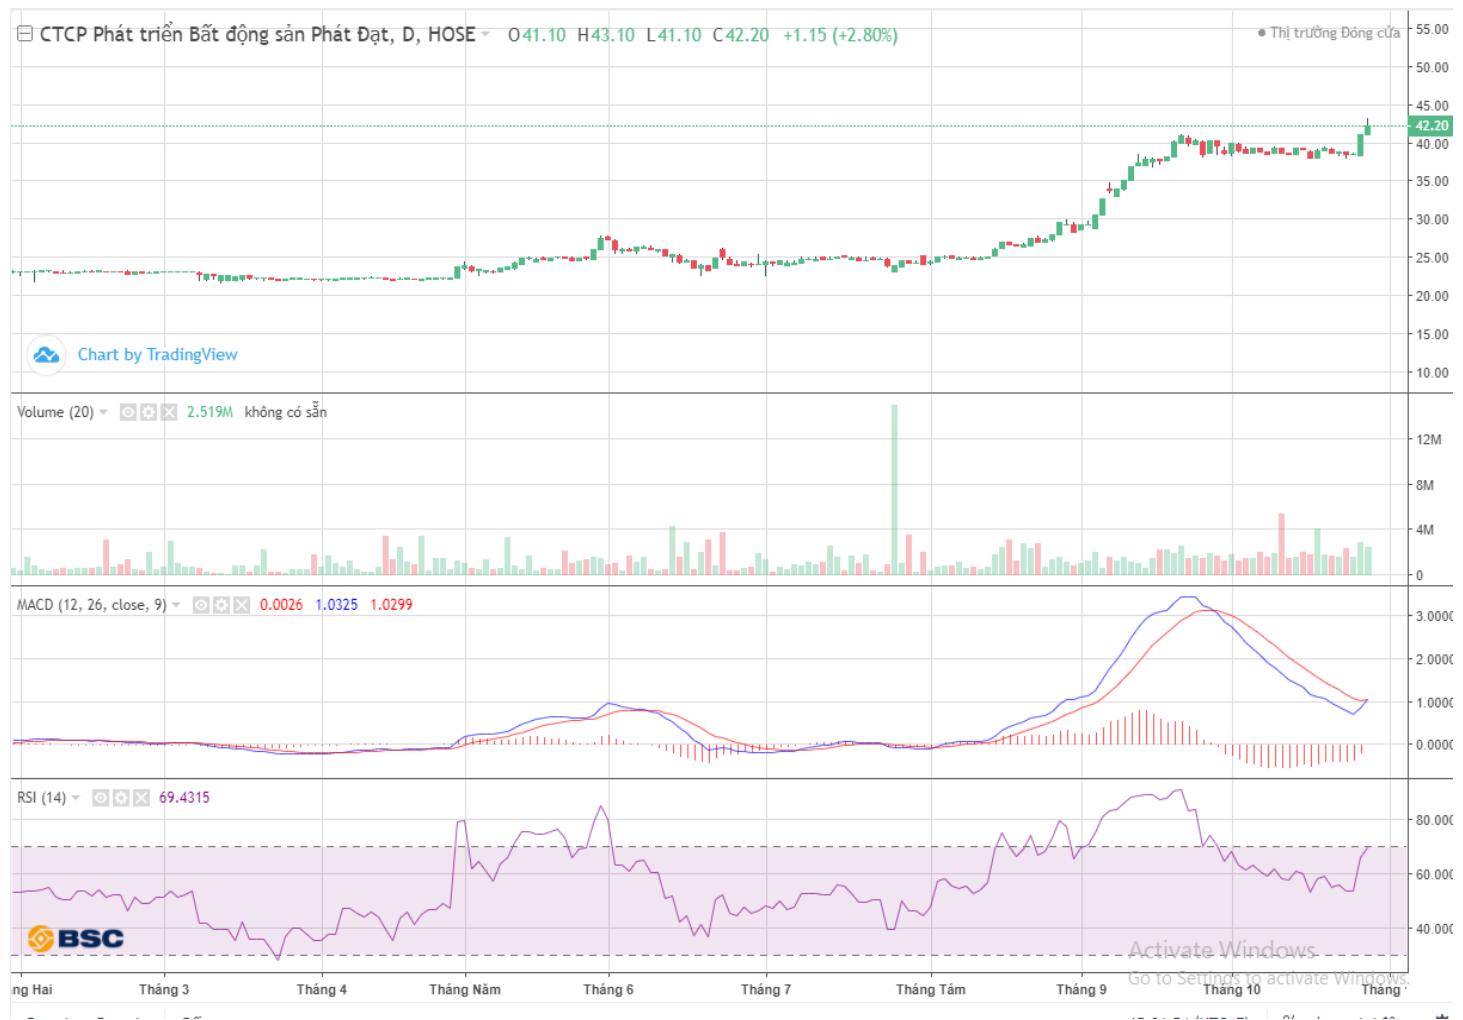 Cổ phiếu tâm điểm ngày 29/10: PDR, VPB, STB - Ảnh 1.